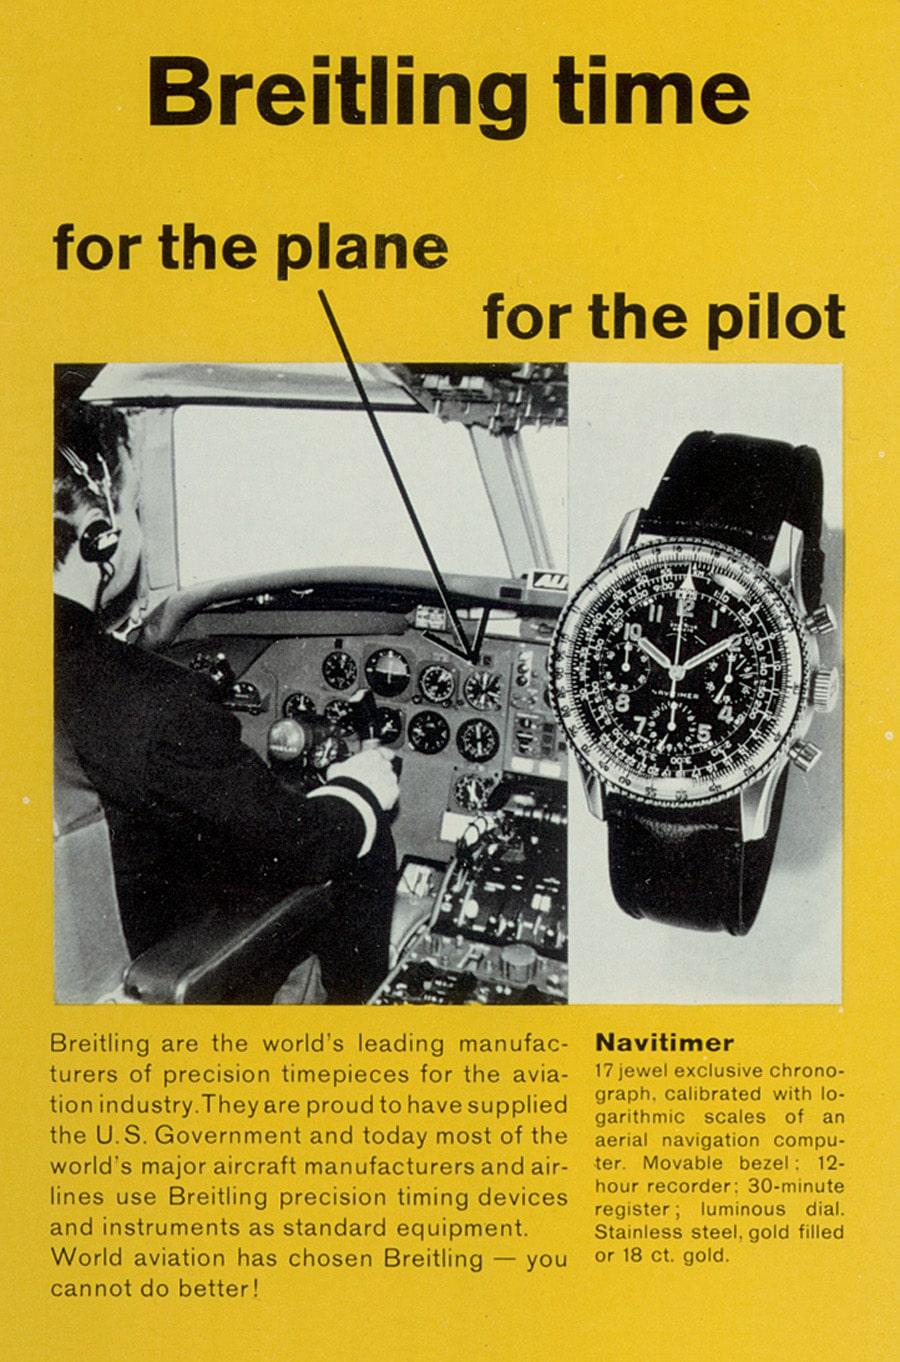 """Breitling-Werbung für den Navitimer der 1950er-Jahre: """"Für das Flugzeug – für den Pilot"""""""